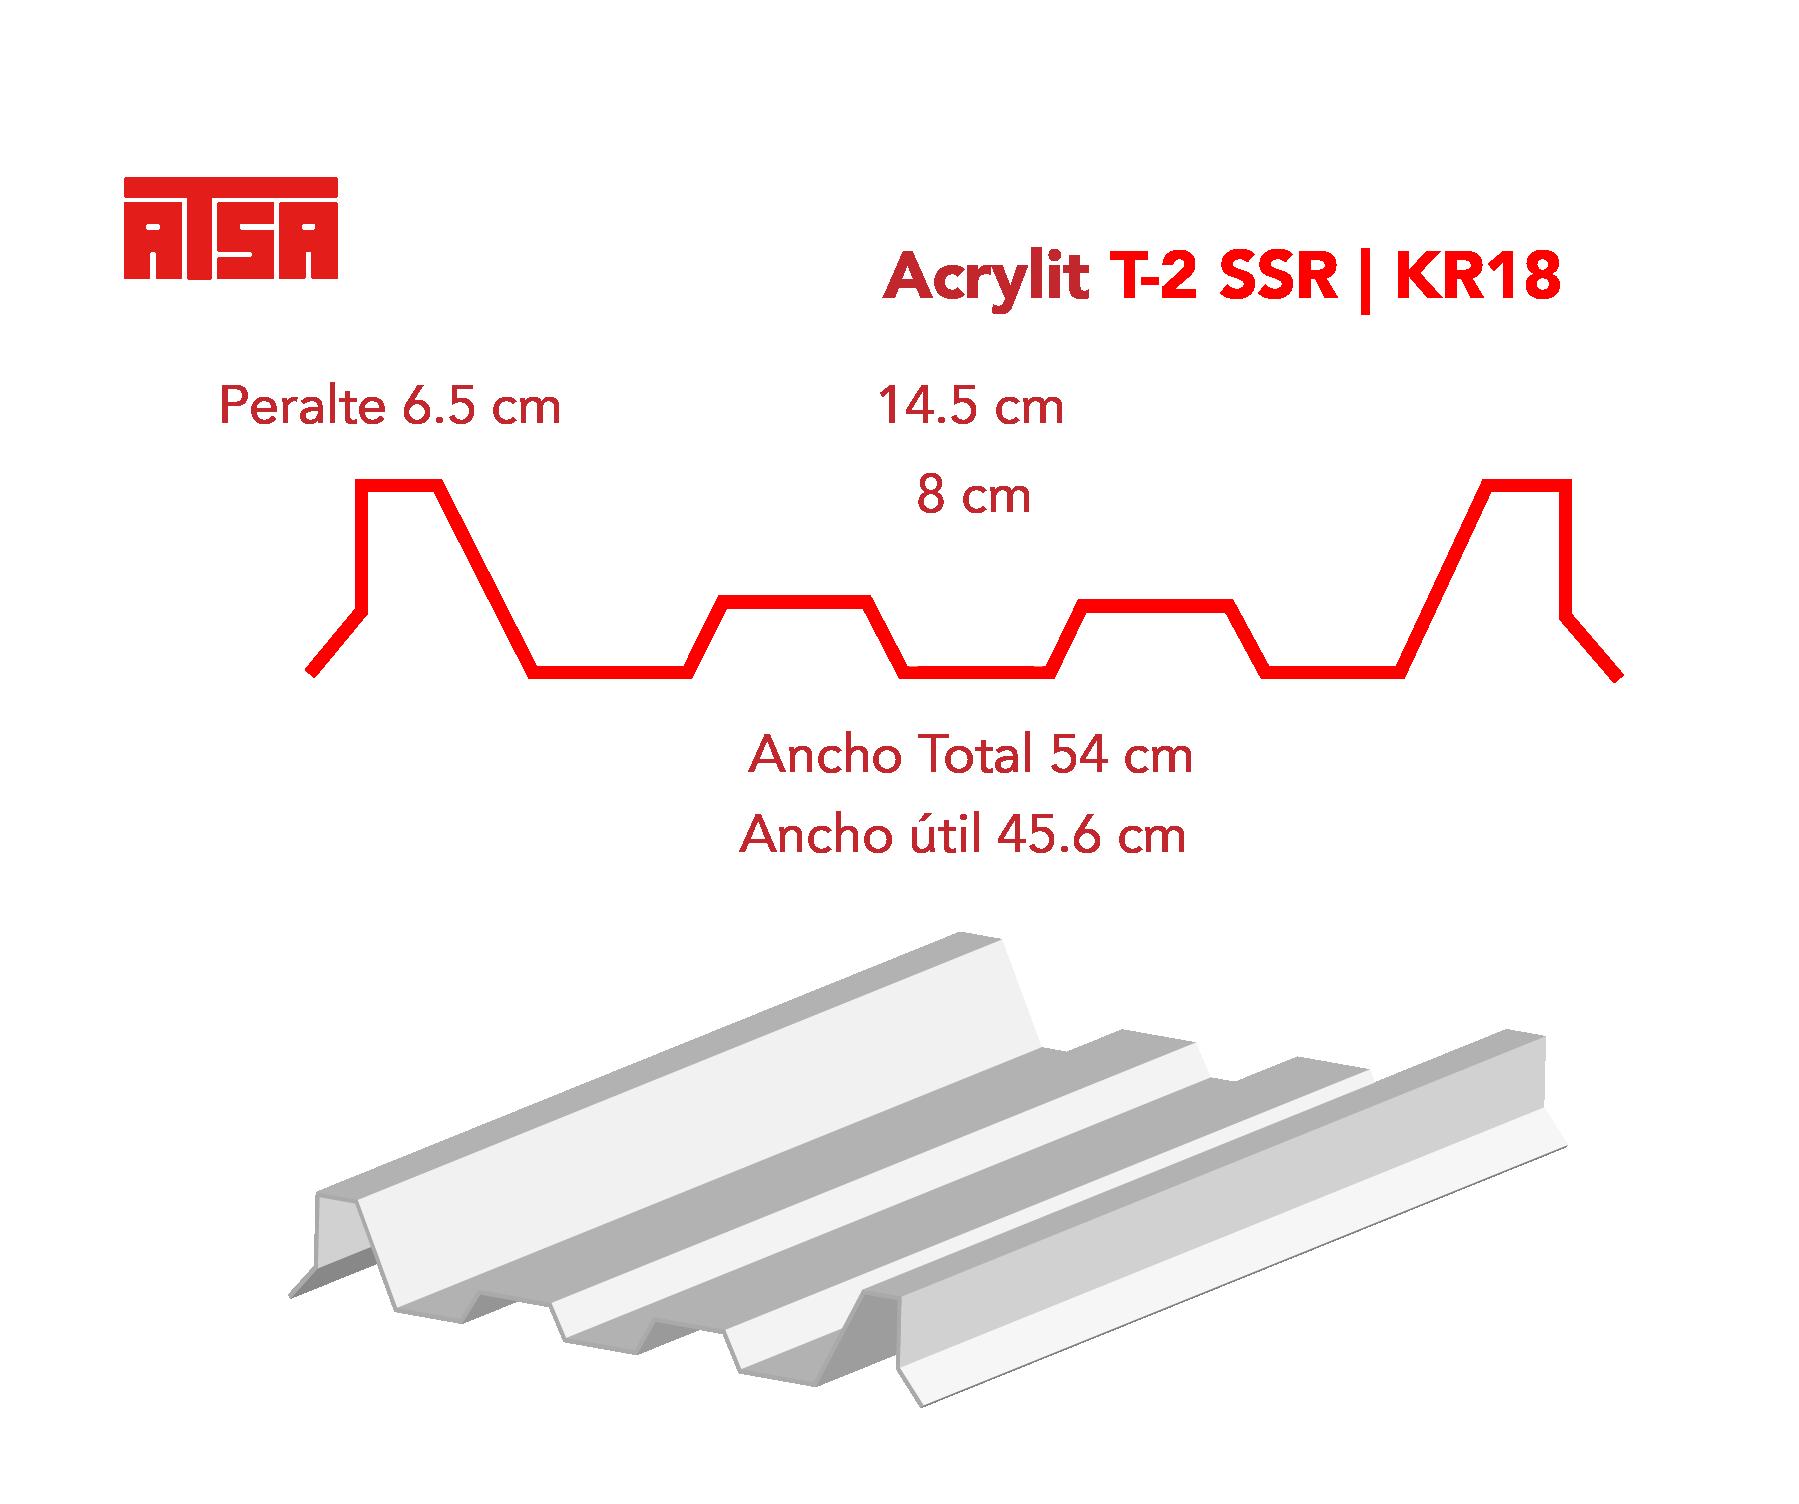 Medidas de la lámina acrylit t-2 SSR traslúcida